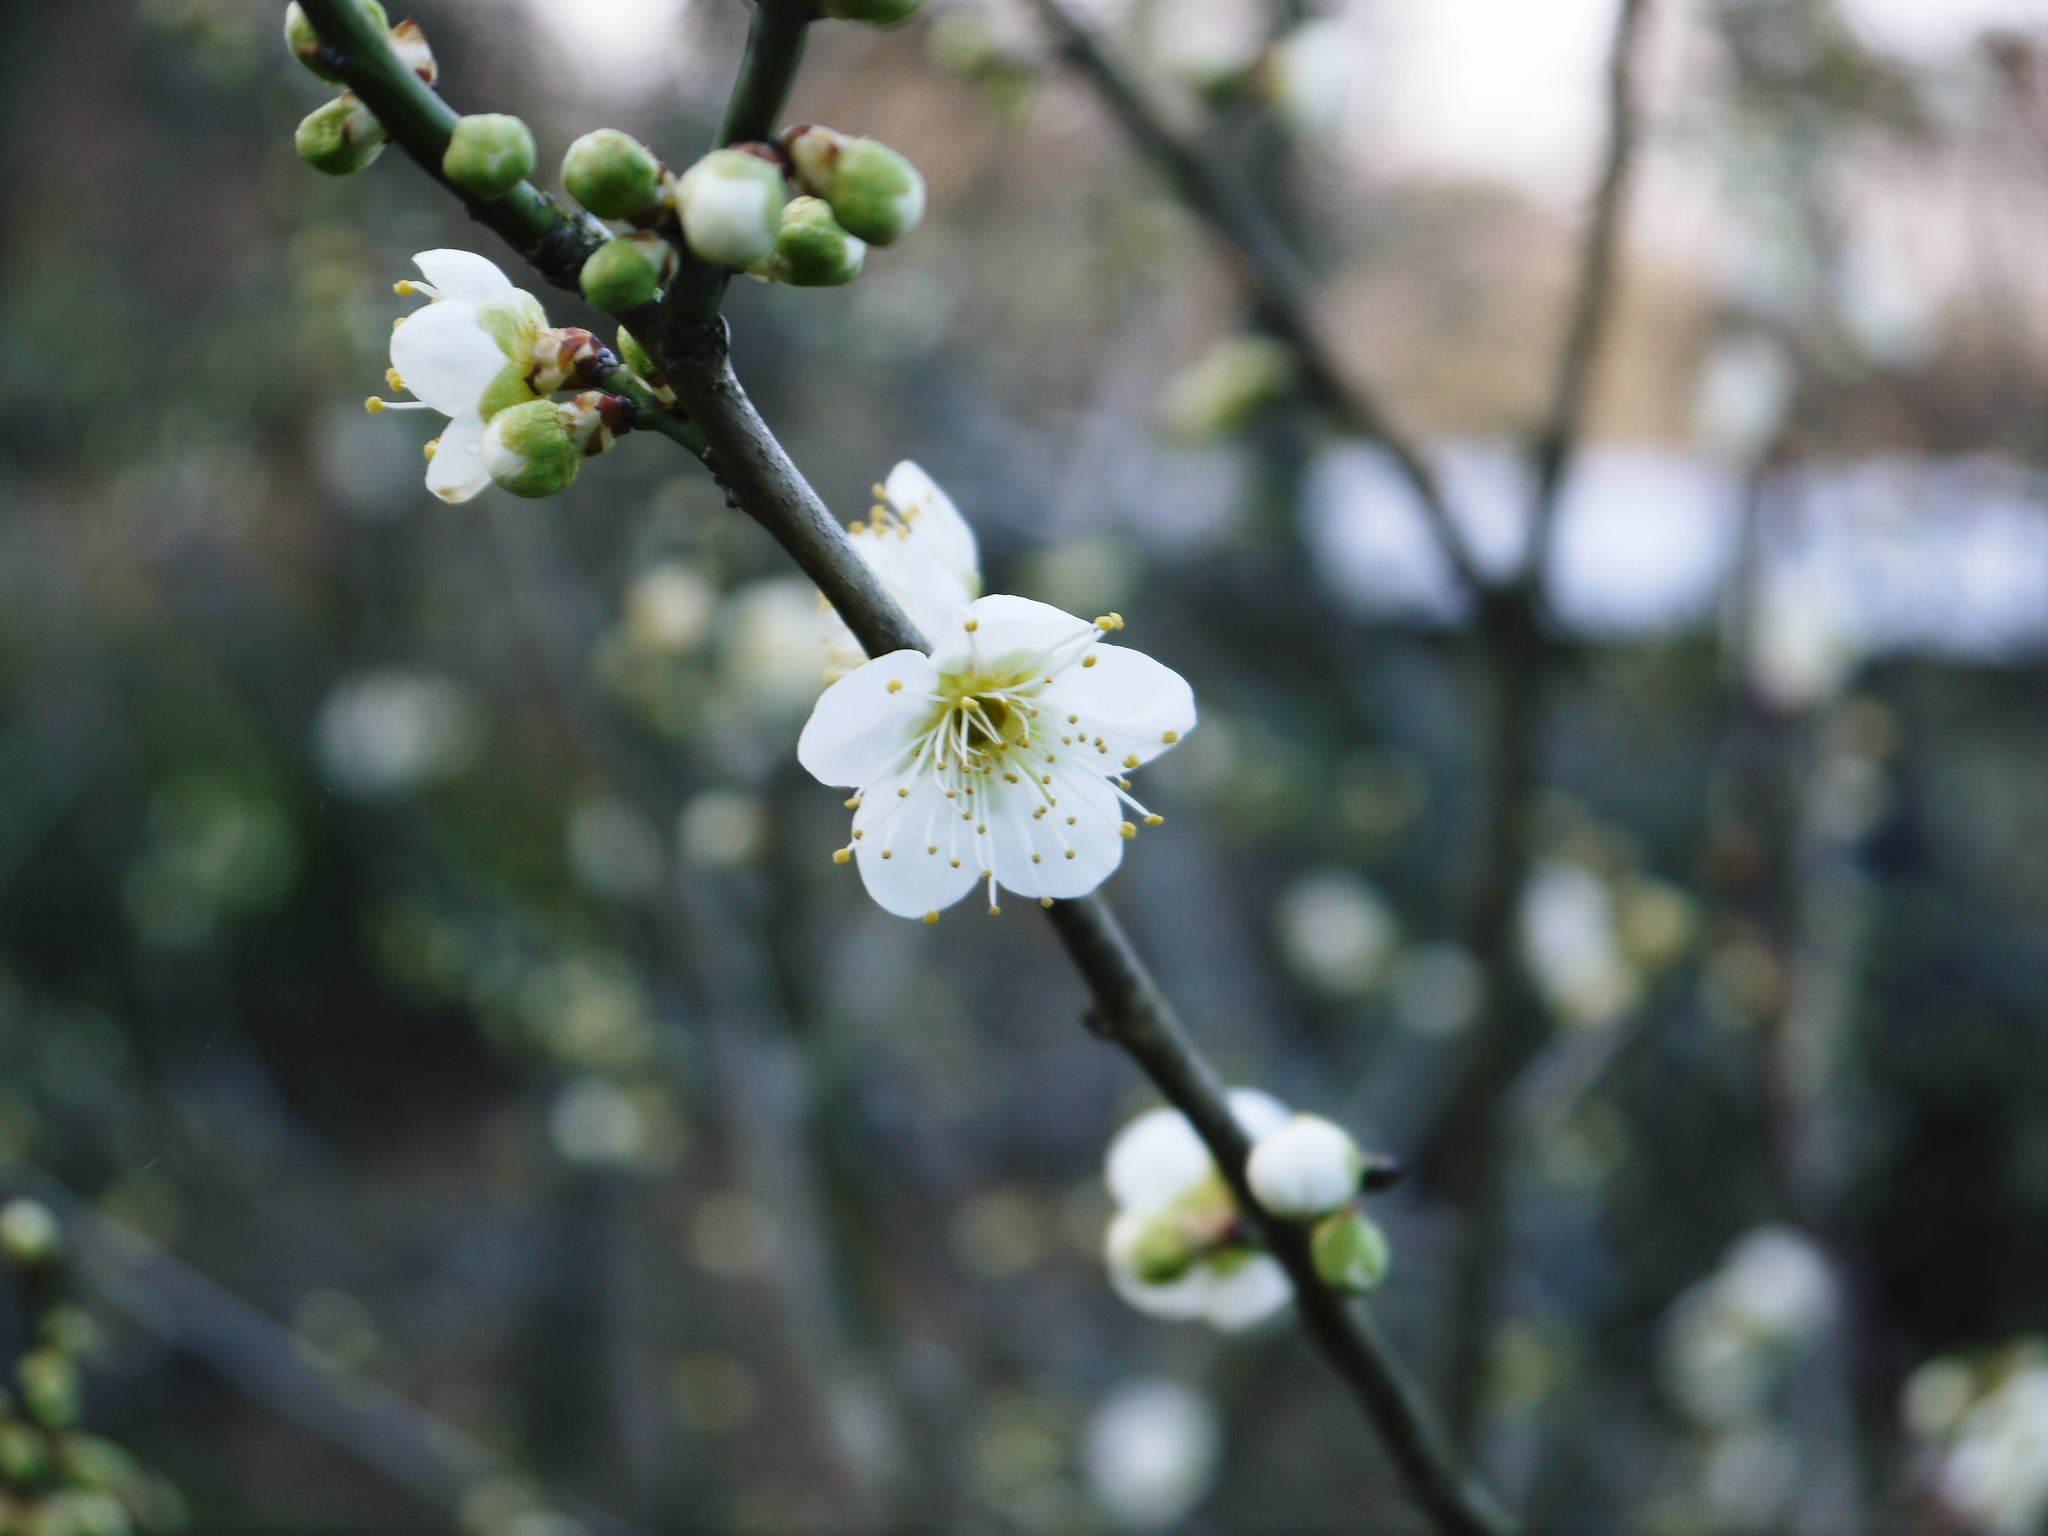 株式会社旬援隊の冬の様子 この冬、初の積雪(?)です!春の訪れが早いはずが…、果樹たちが心配です!_a0254656_16484187.jpg